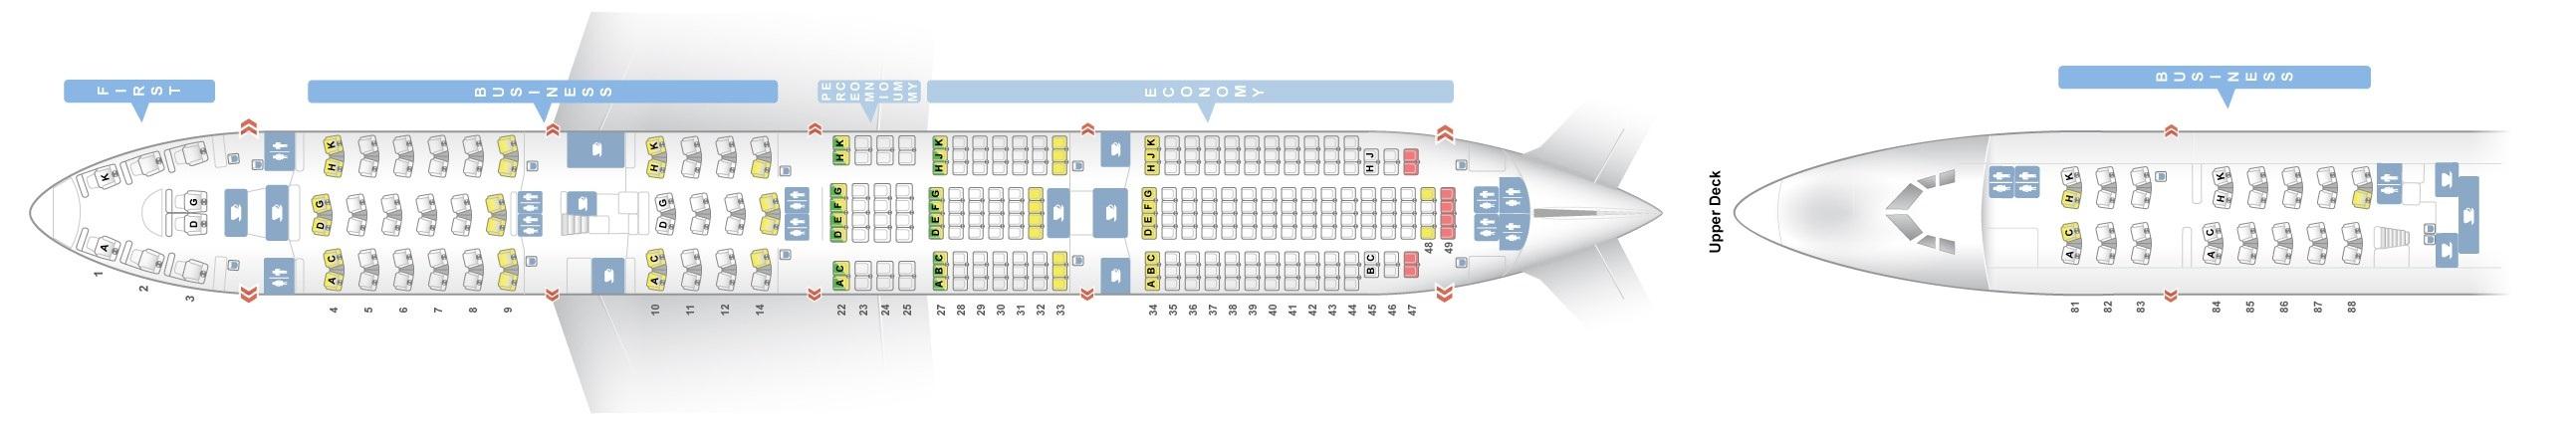 Lufthansa_Boeing_747_8_V4